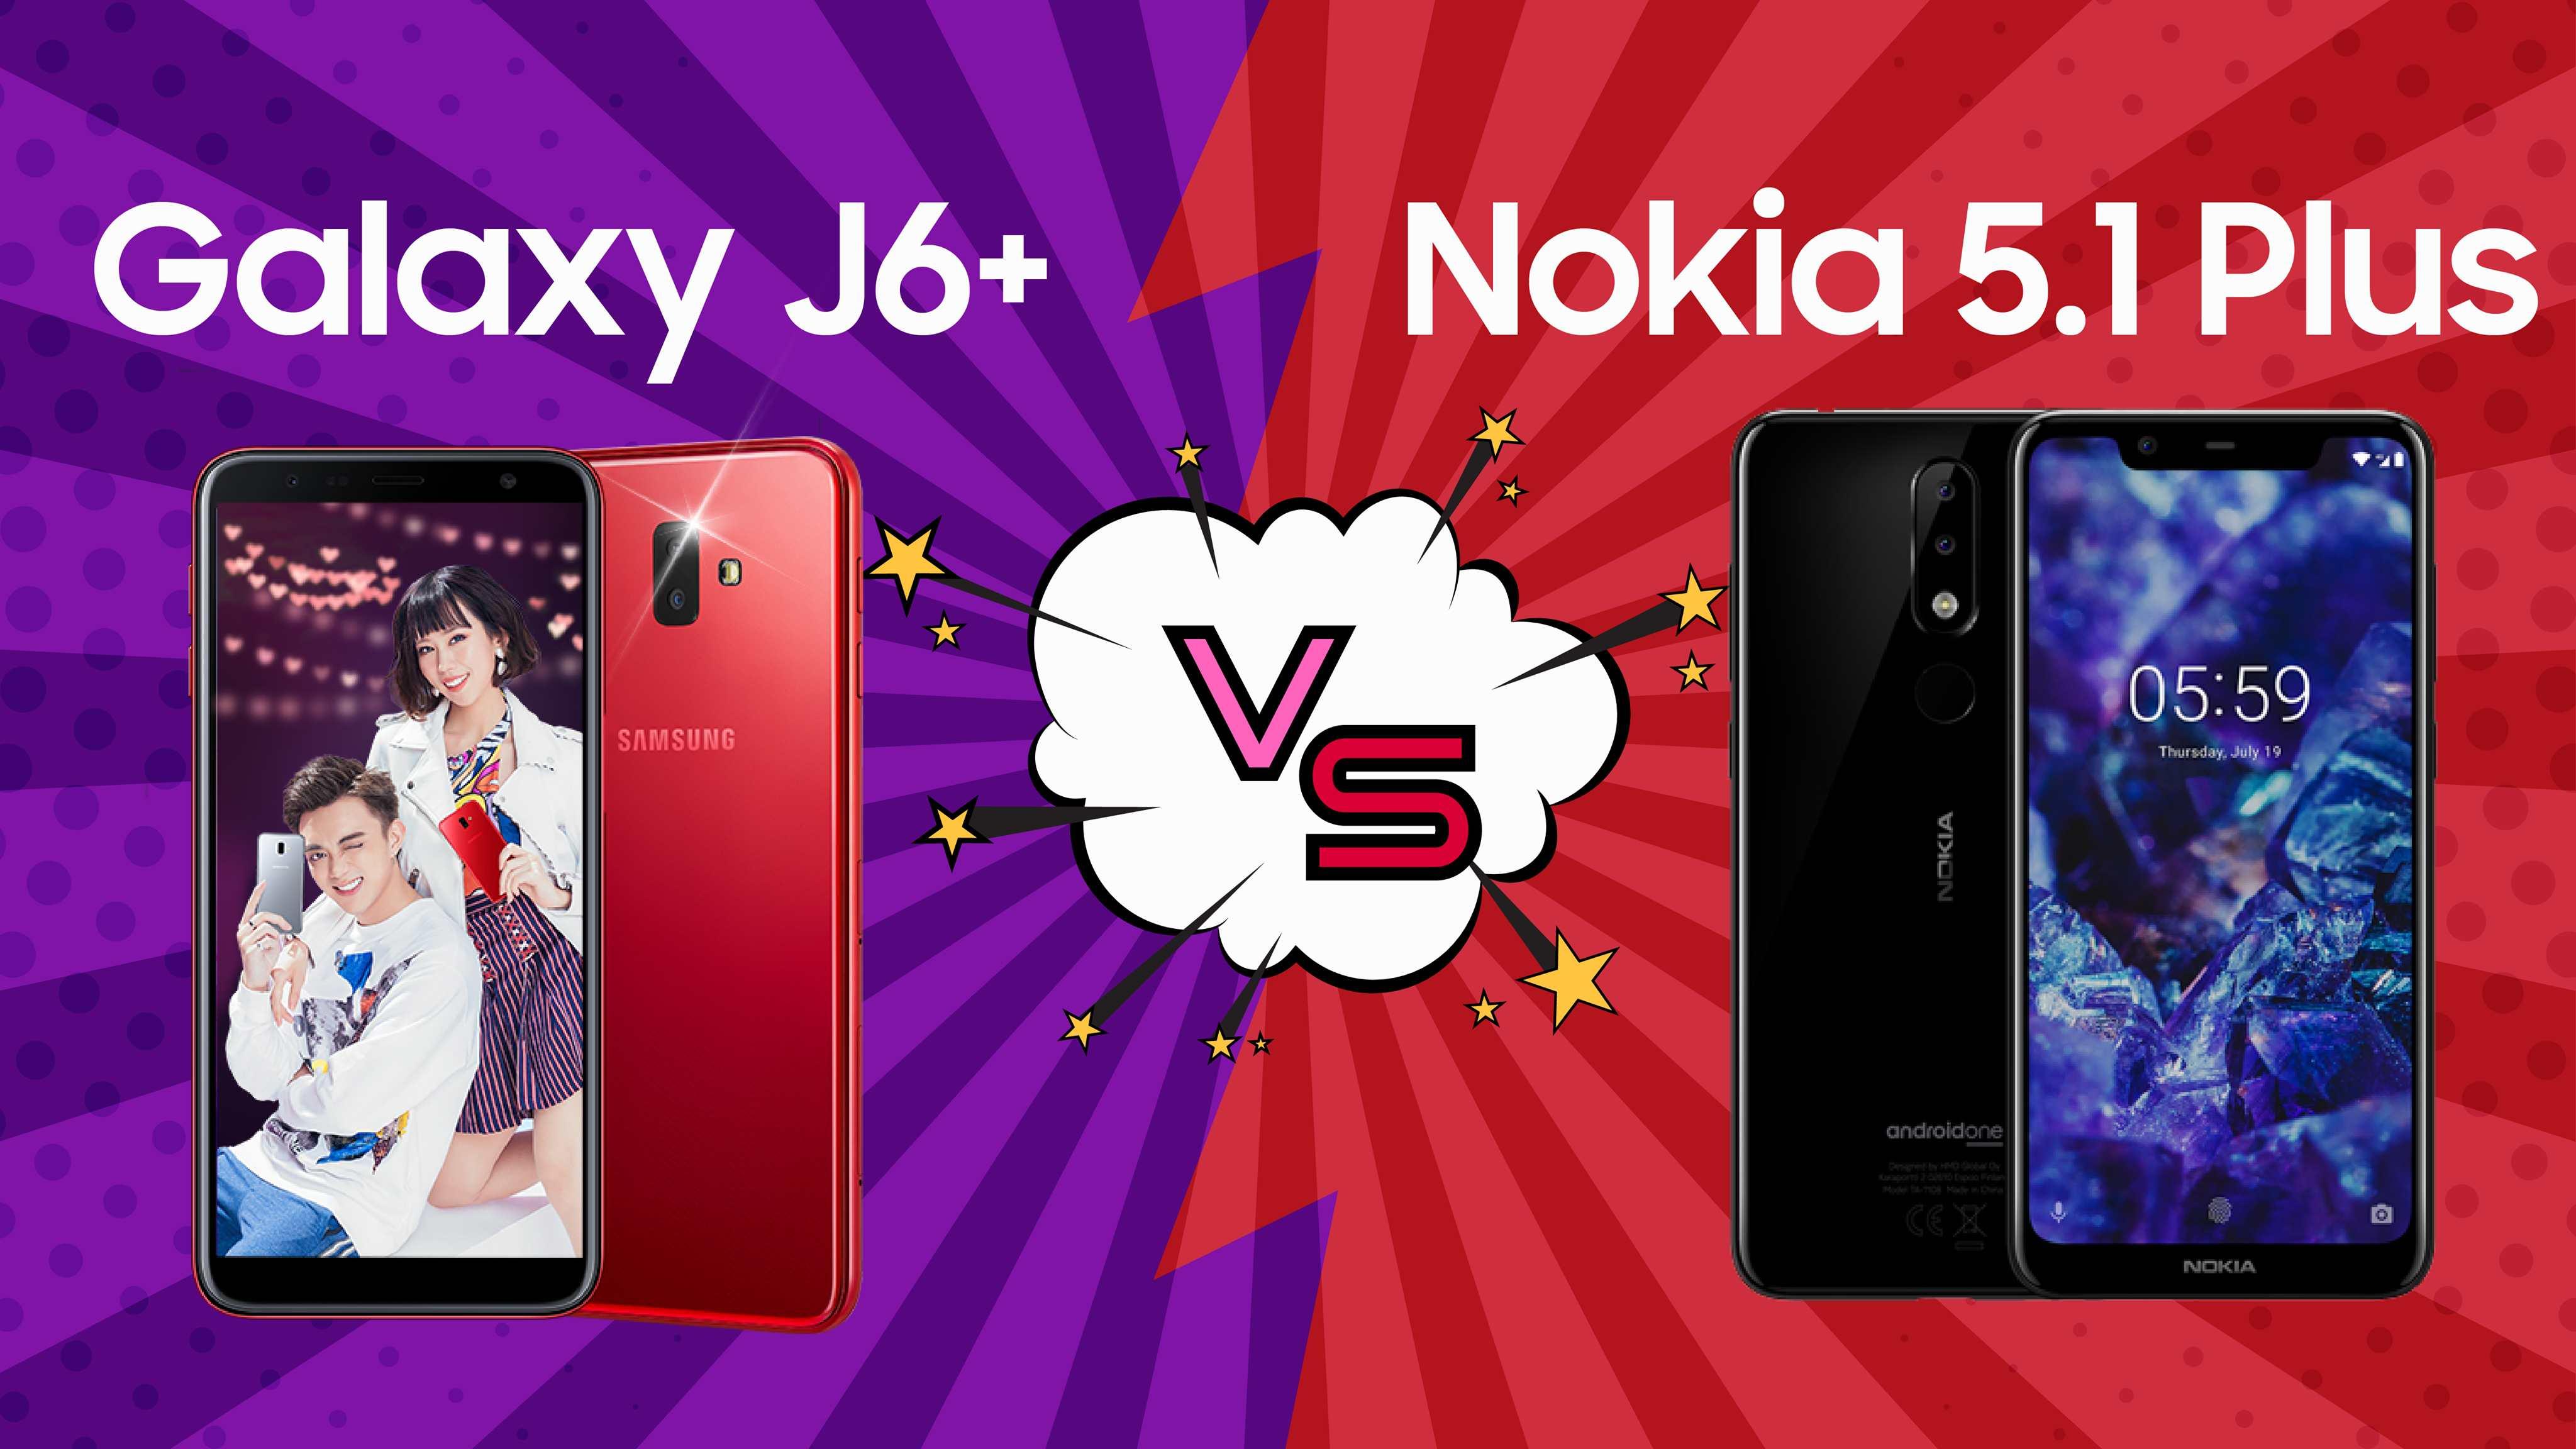 [Video] So sánh Galaxy J6+ và Nokia 5.1 Plus: Nên mua điện thoại nào trong phân khúc tầm trung?